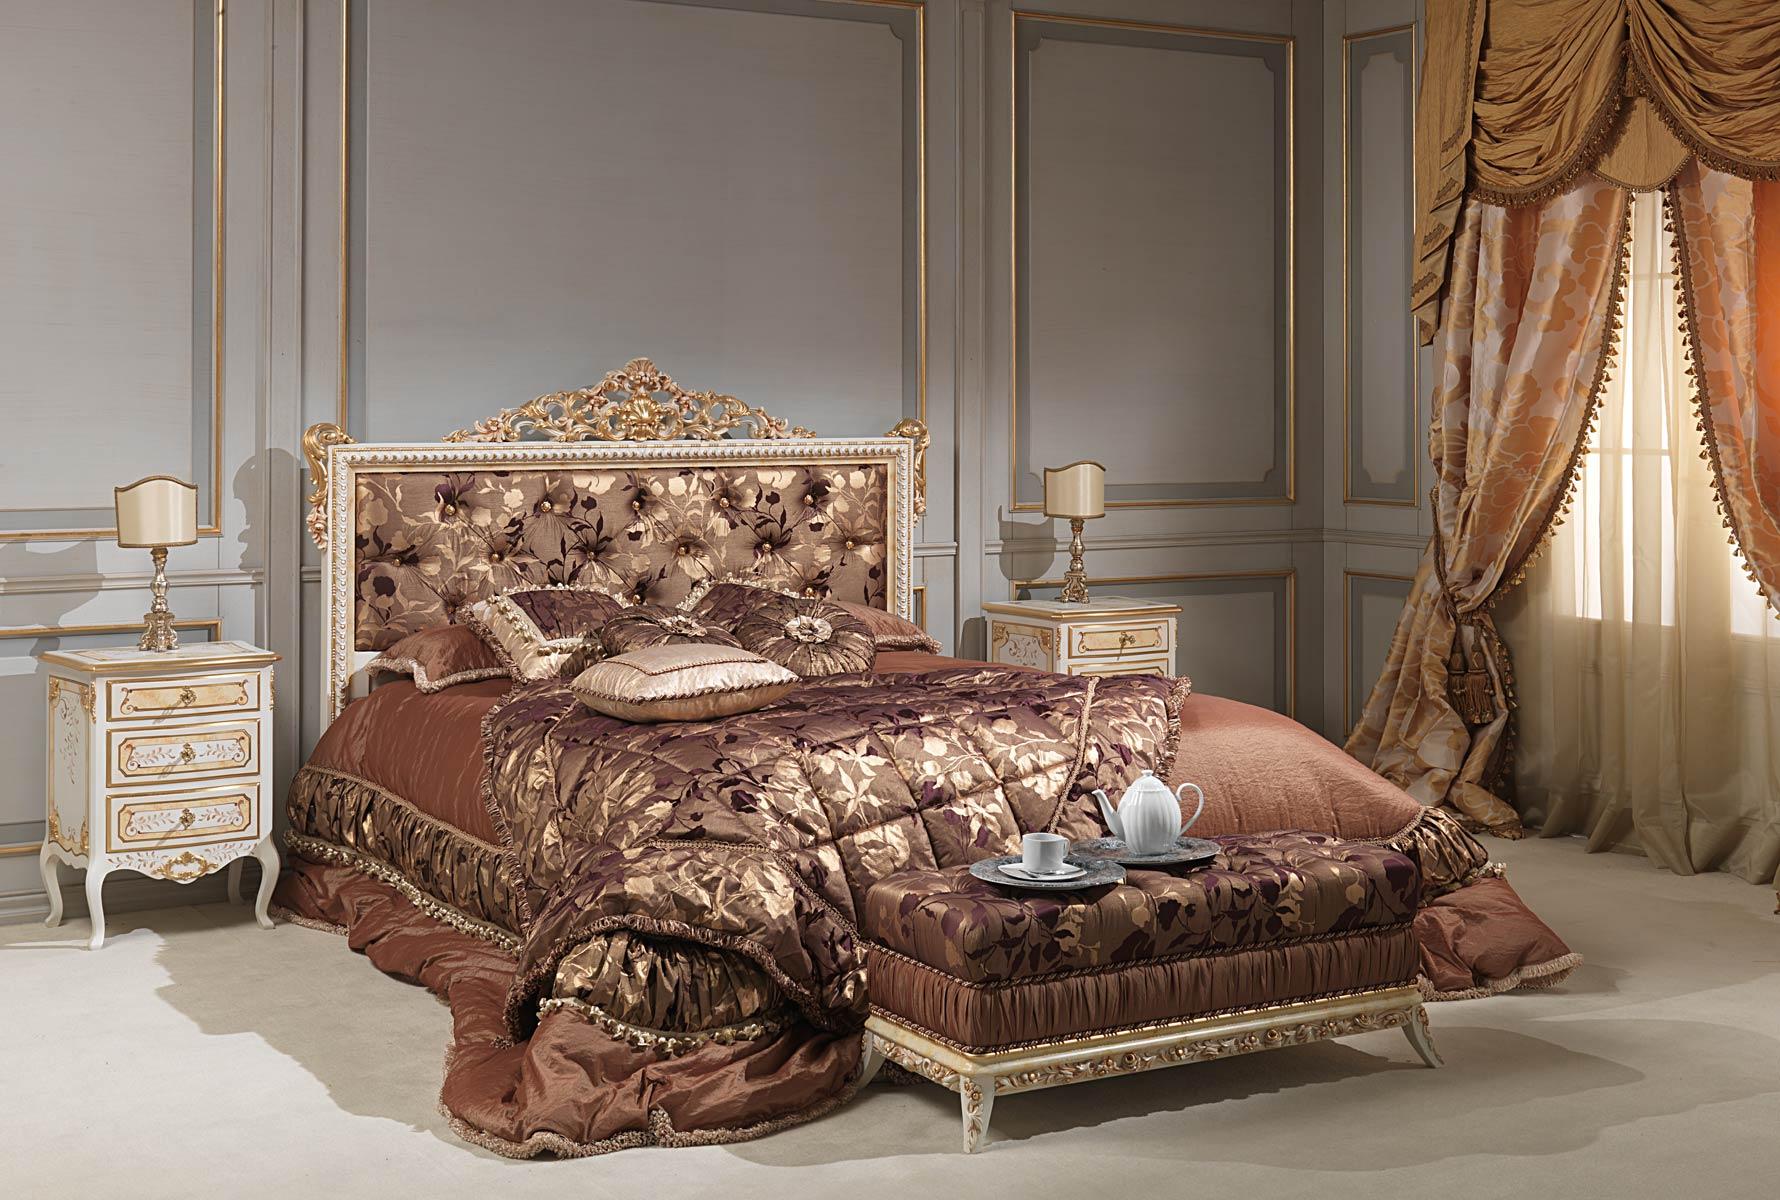 Camera da letto classica louvre letto capitonn avorio - Camera da letto avorio ...